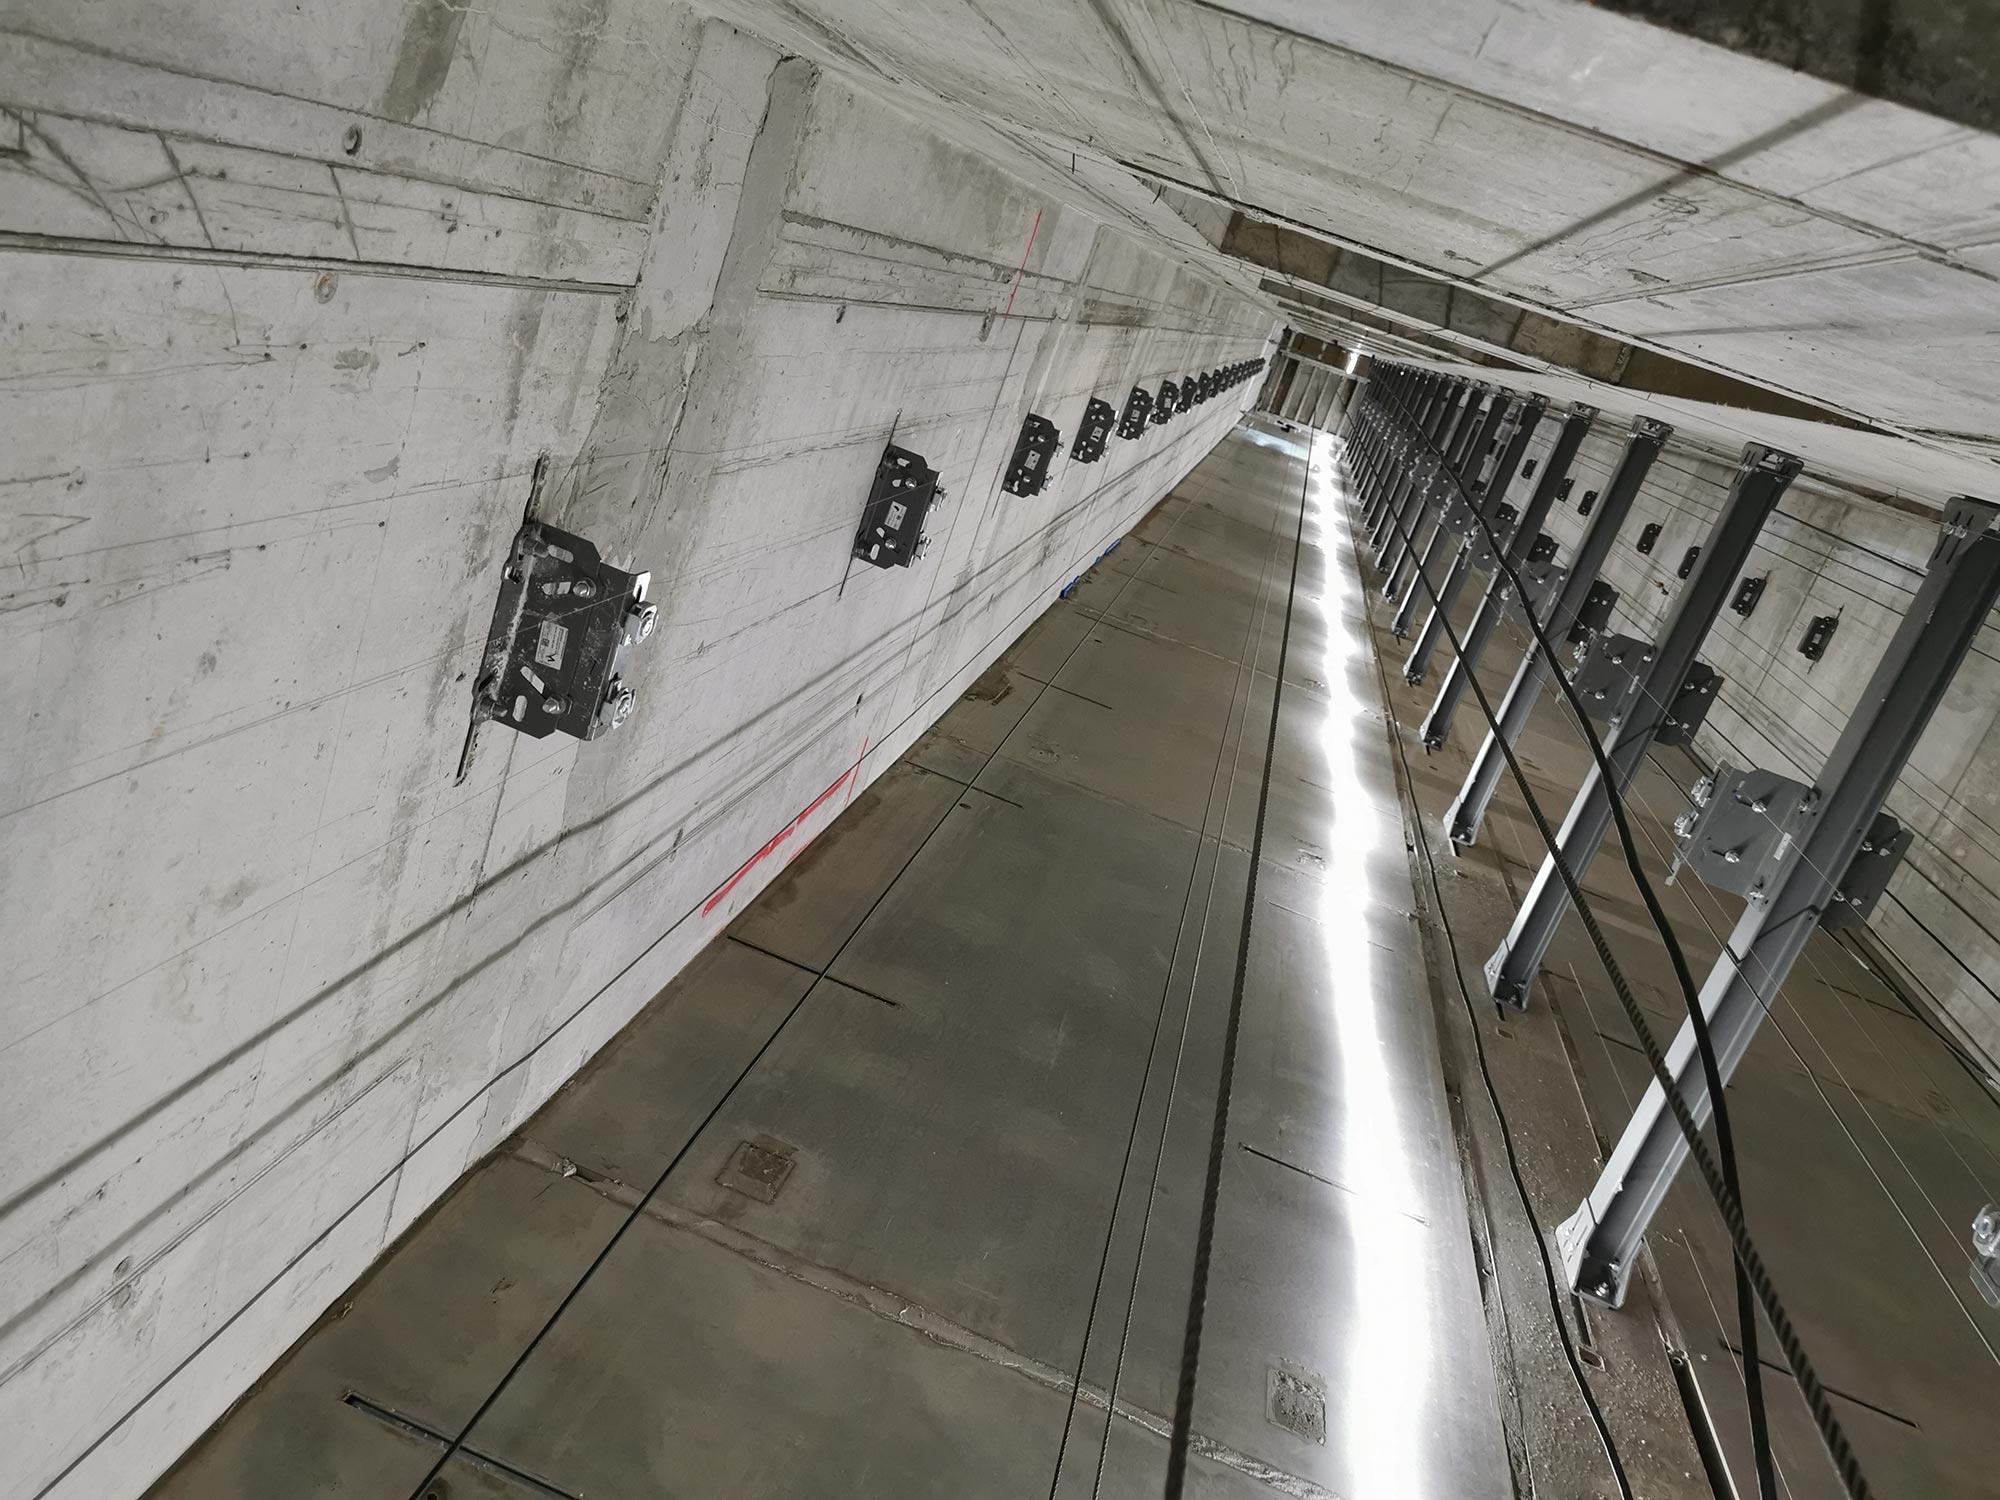 Aufzugssschacht Hochhaus Frankfurt - Hochhausaufzug Einbau - Wolkenkratzer Aufzüge Frankfurt